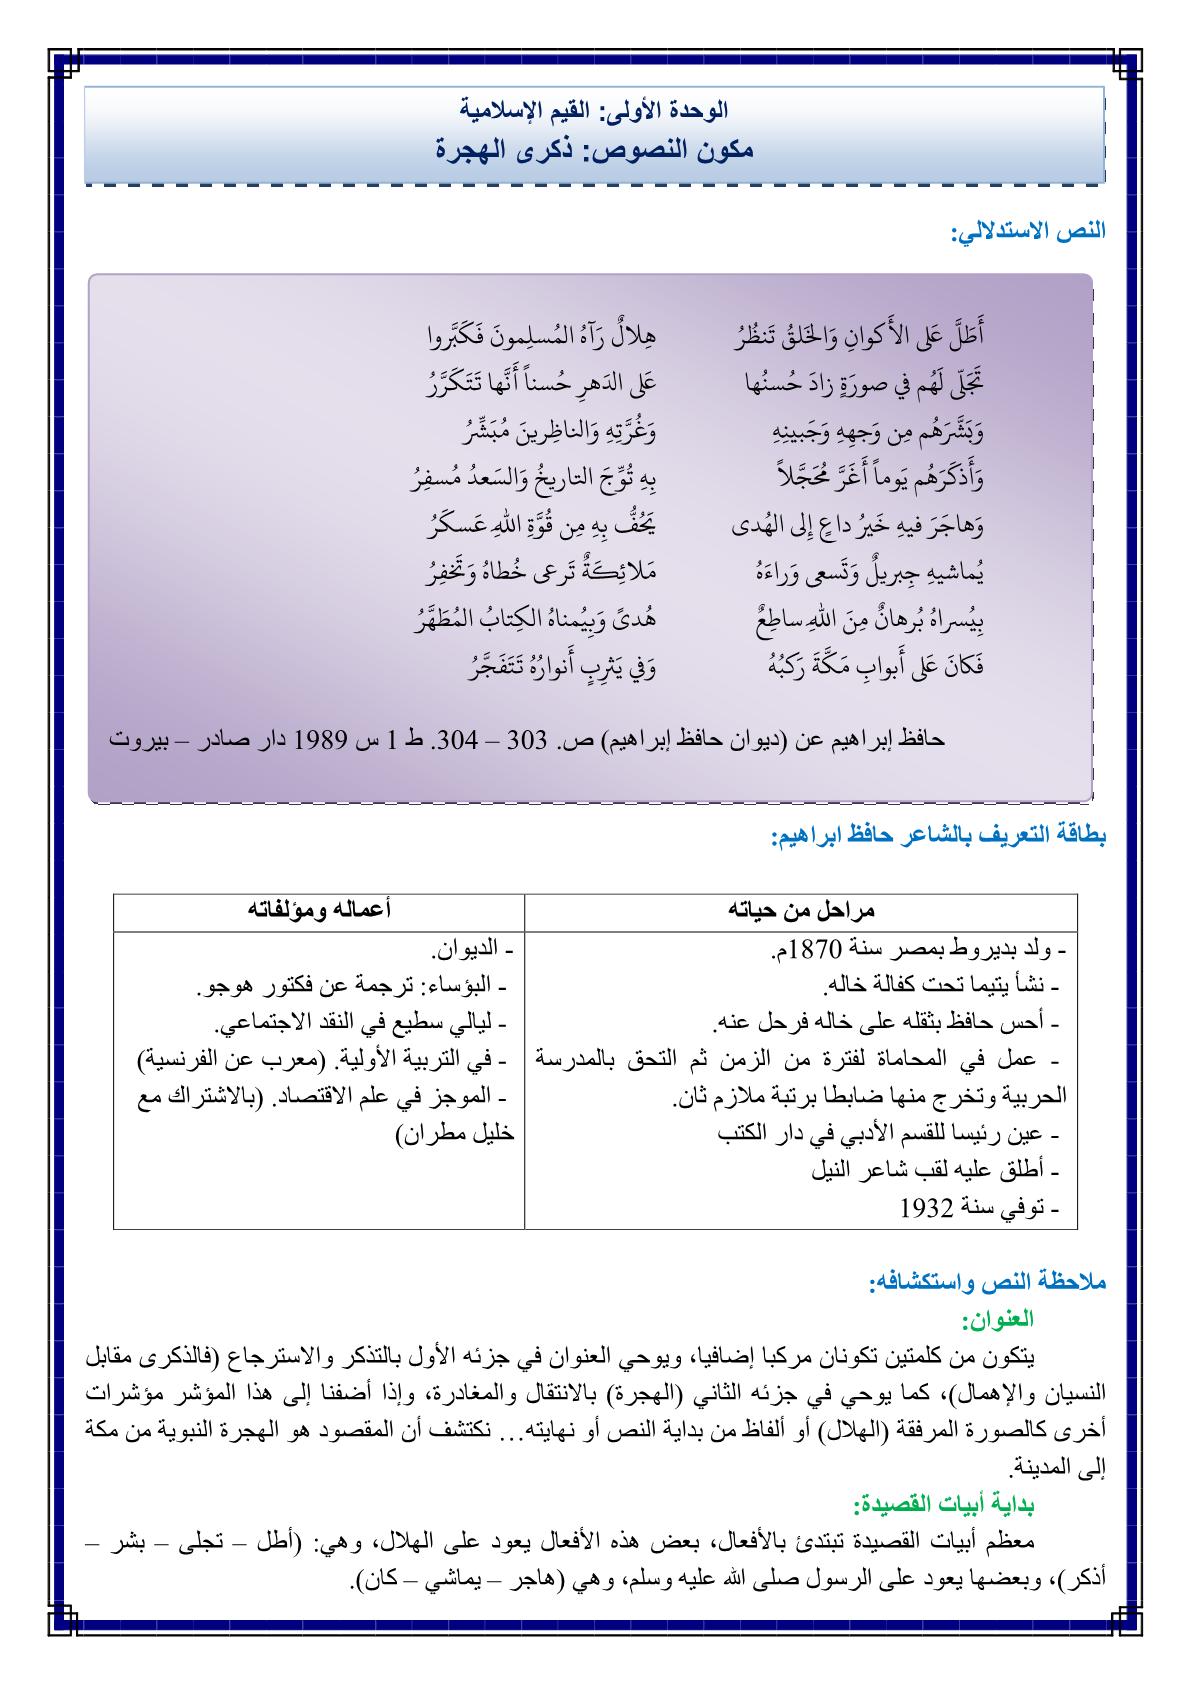 درس ذكرى الهجرة مادة اللغة العربية للسنة الثانية اعدادي